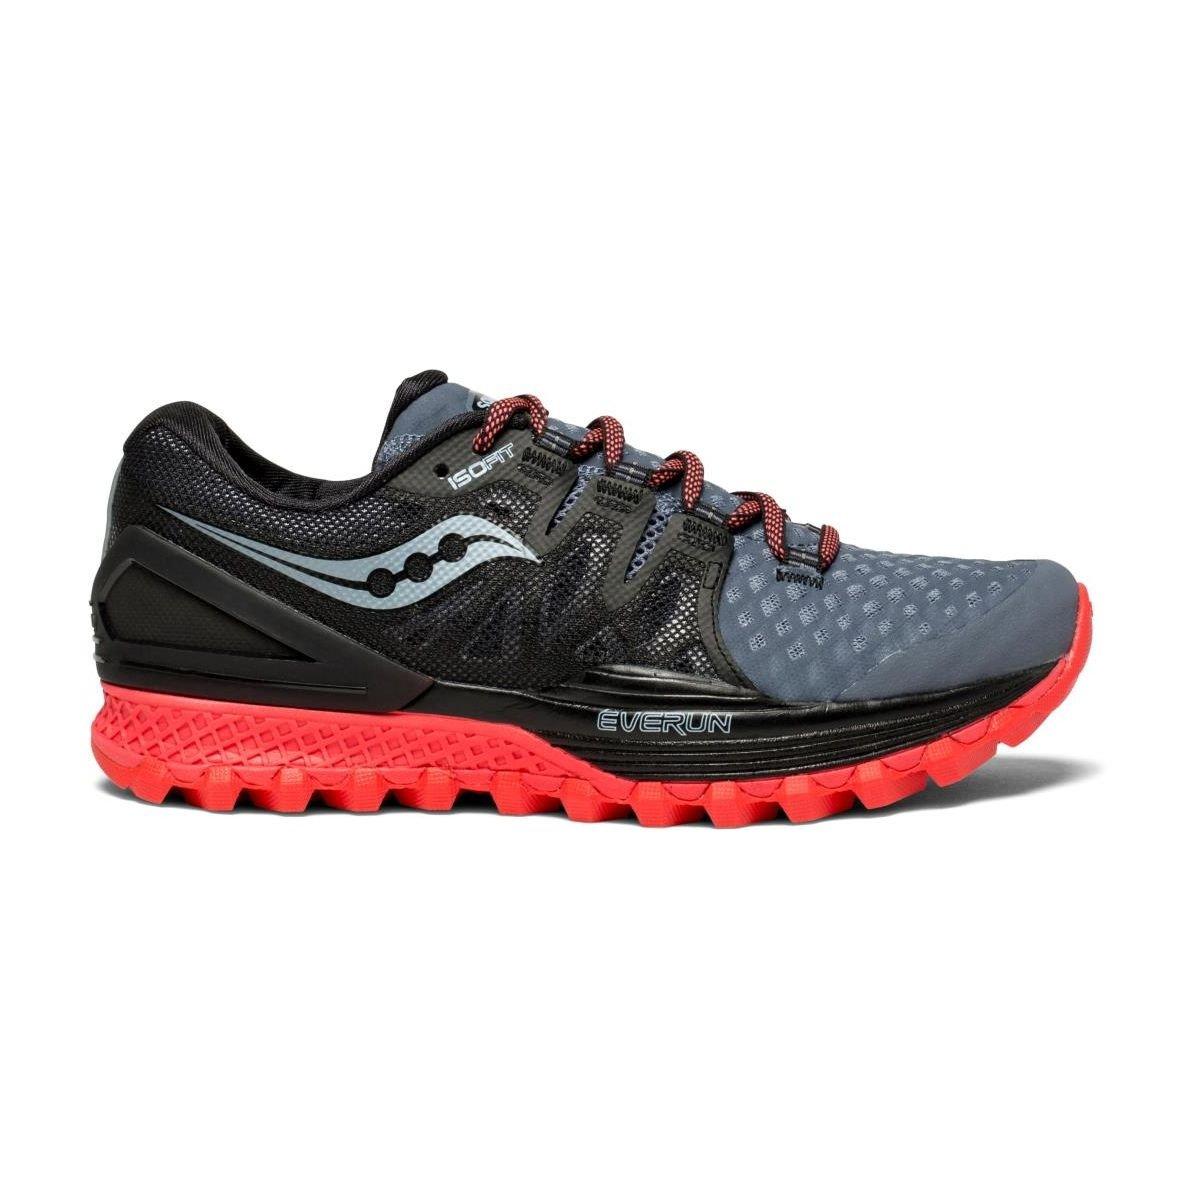 Saucony Xodus ISO 2, Zapatillas de Deporte para Mujer 40 EU|Gris (Gry / Blk / Vizi Red 5)